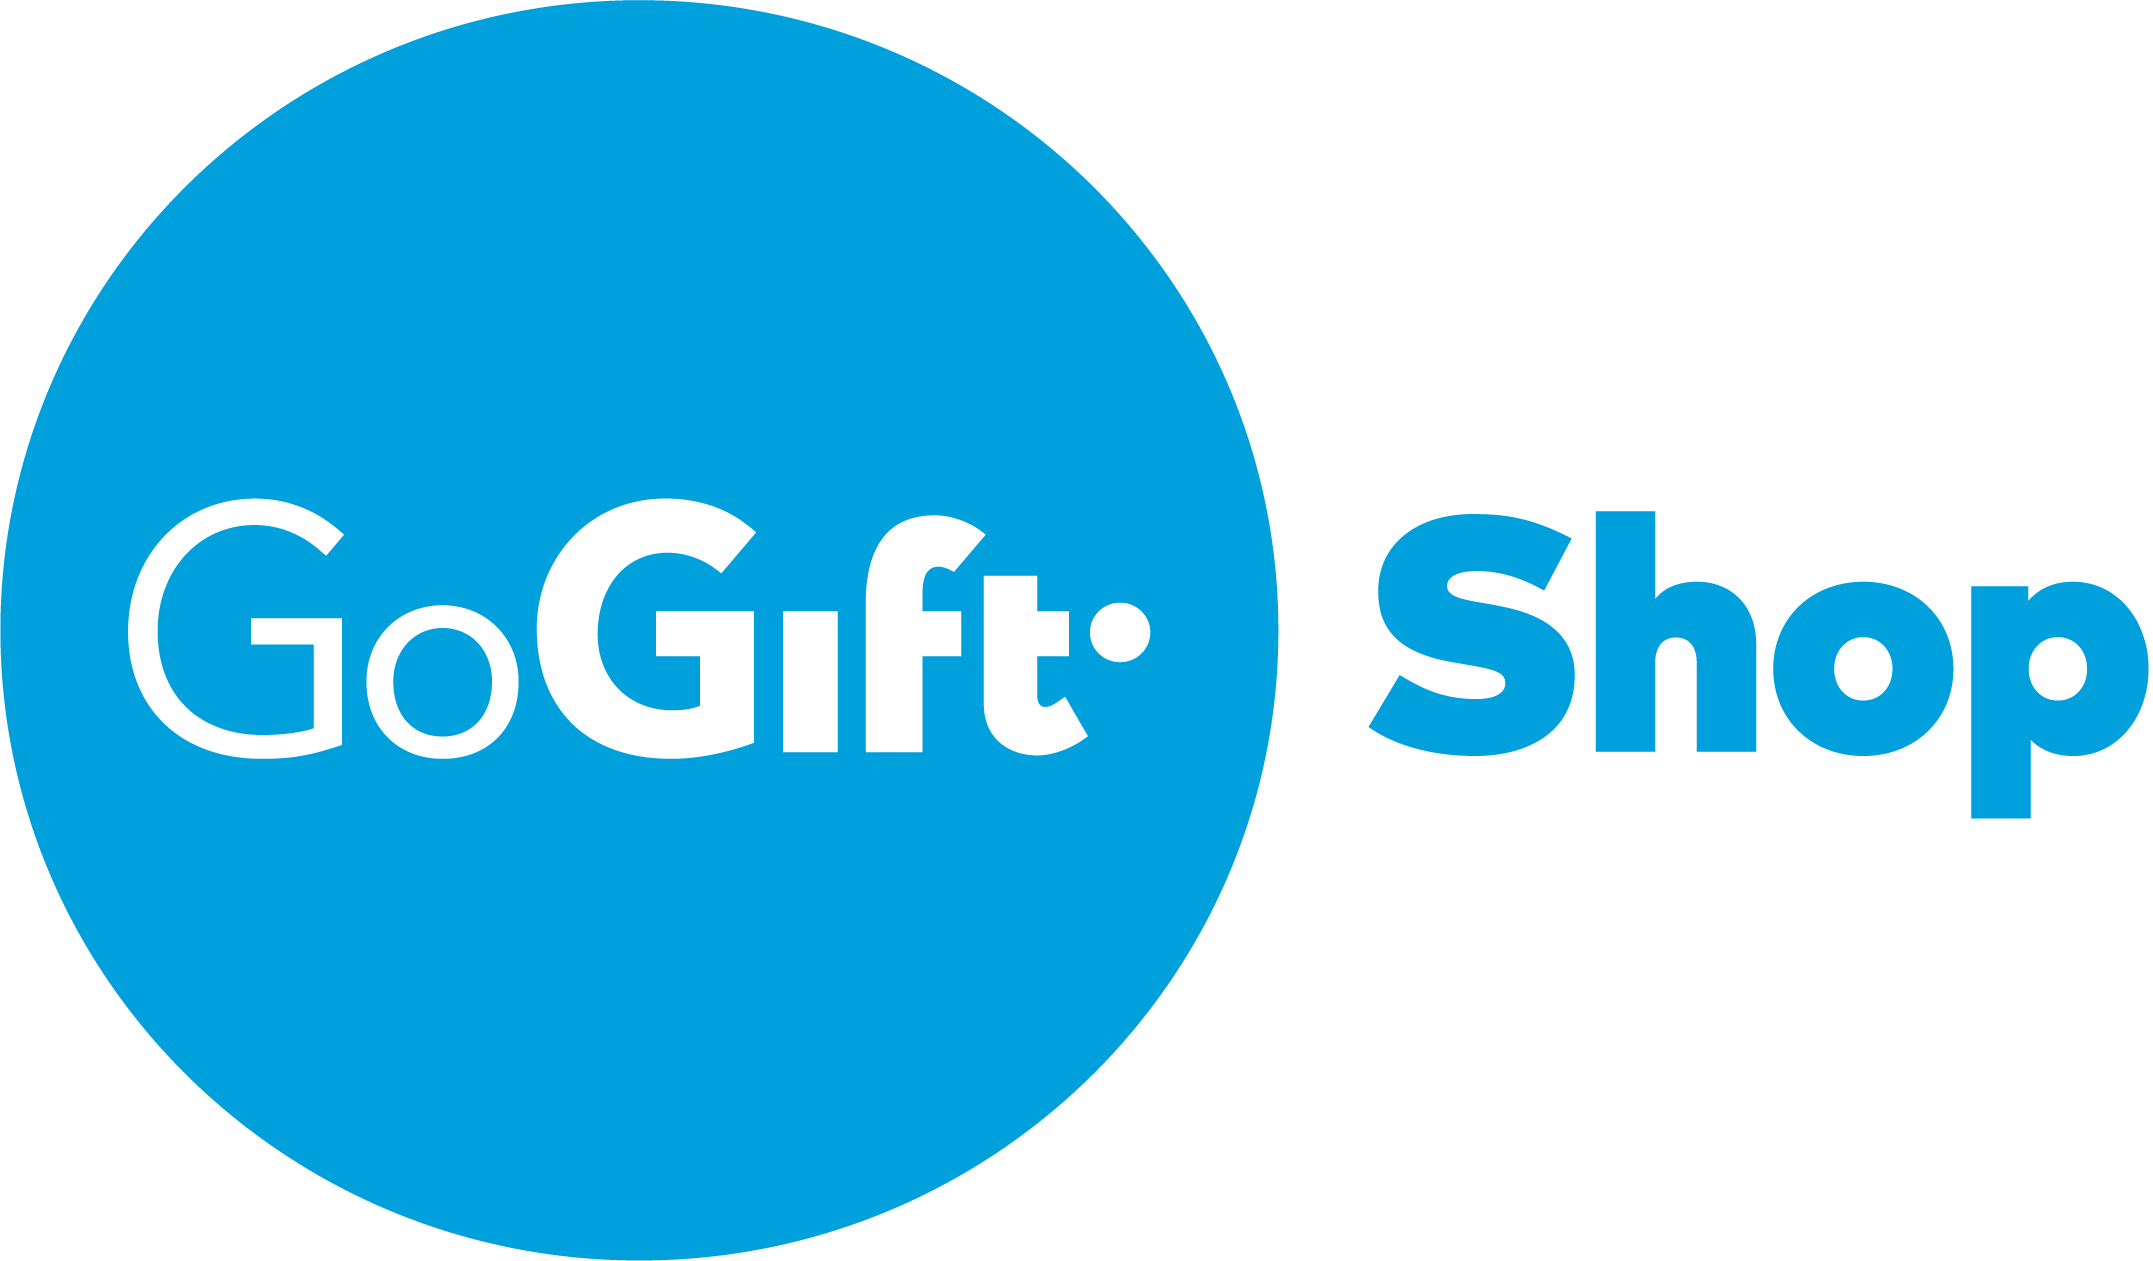 shopno.gogift.com